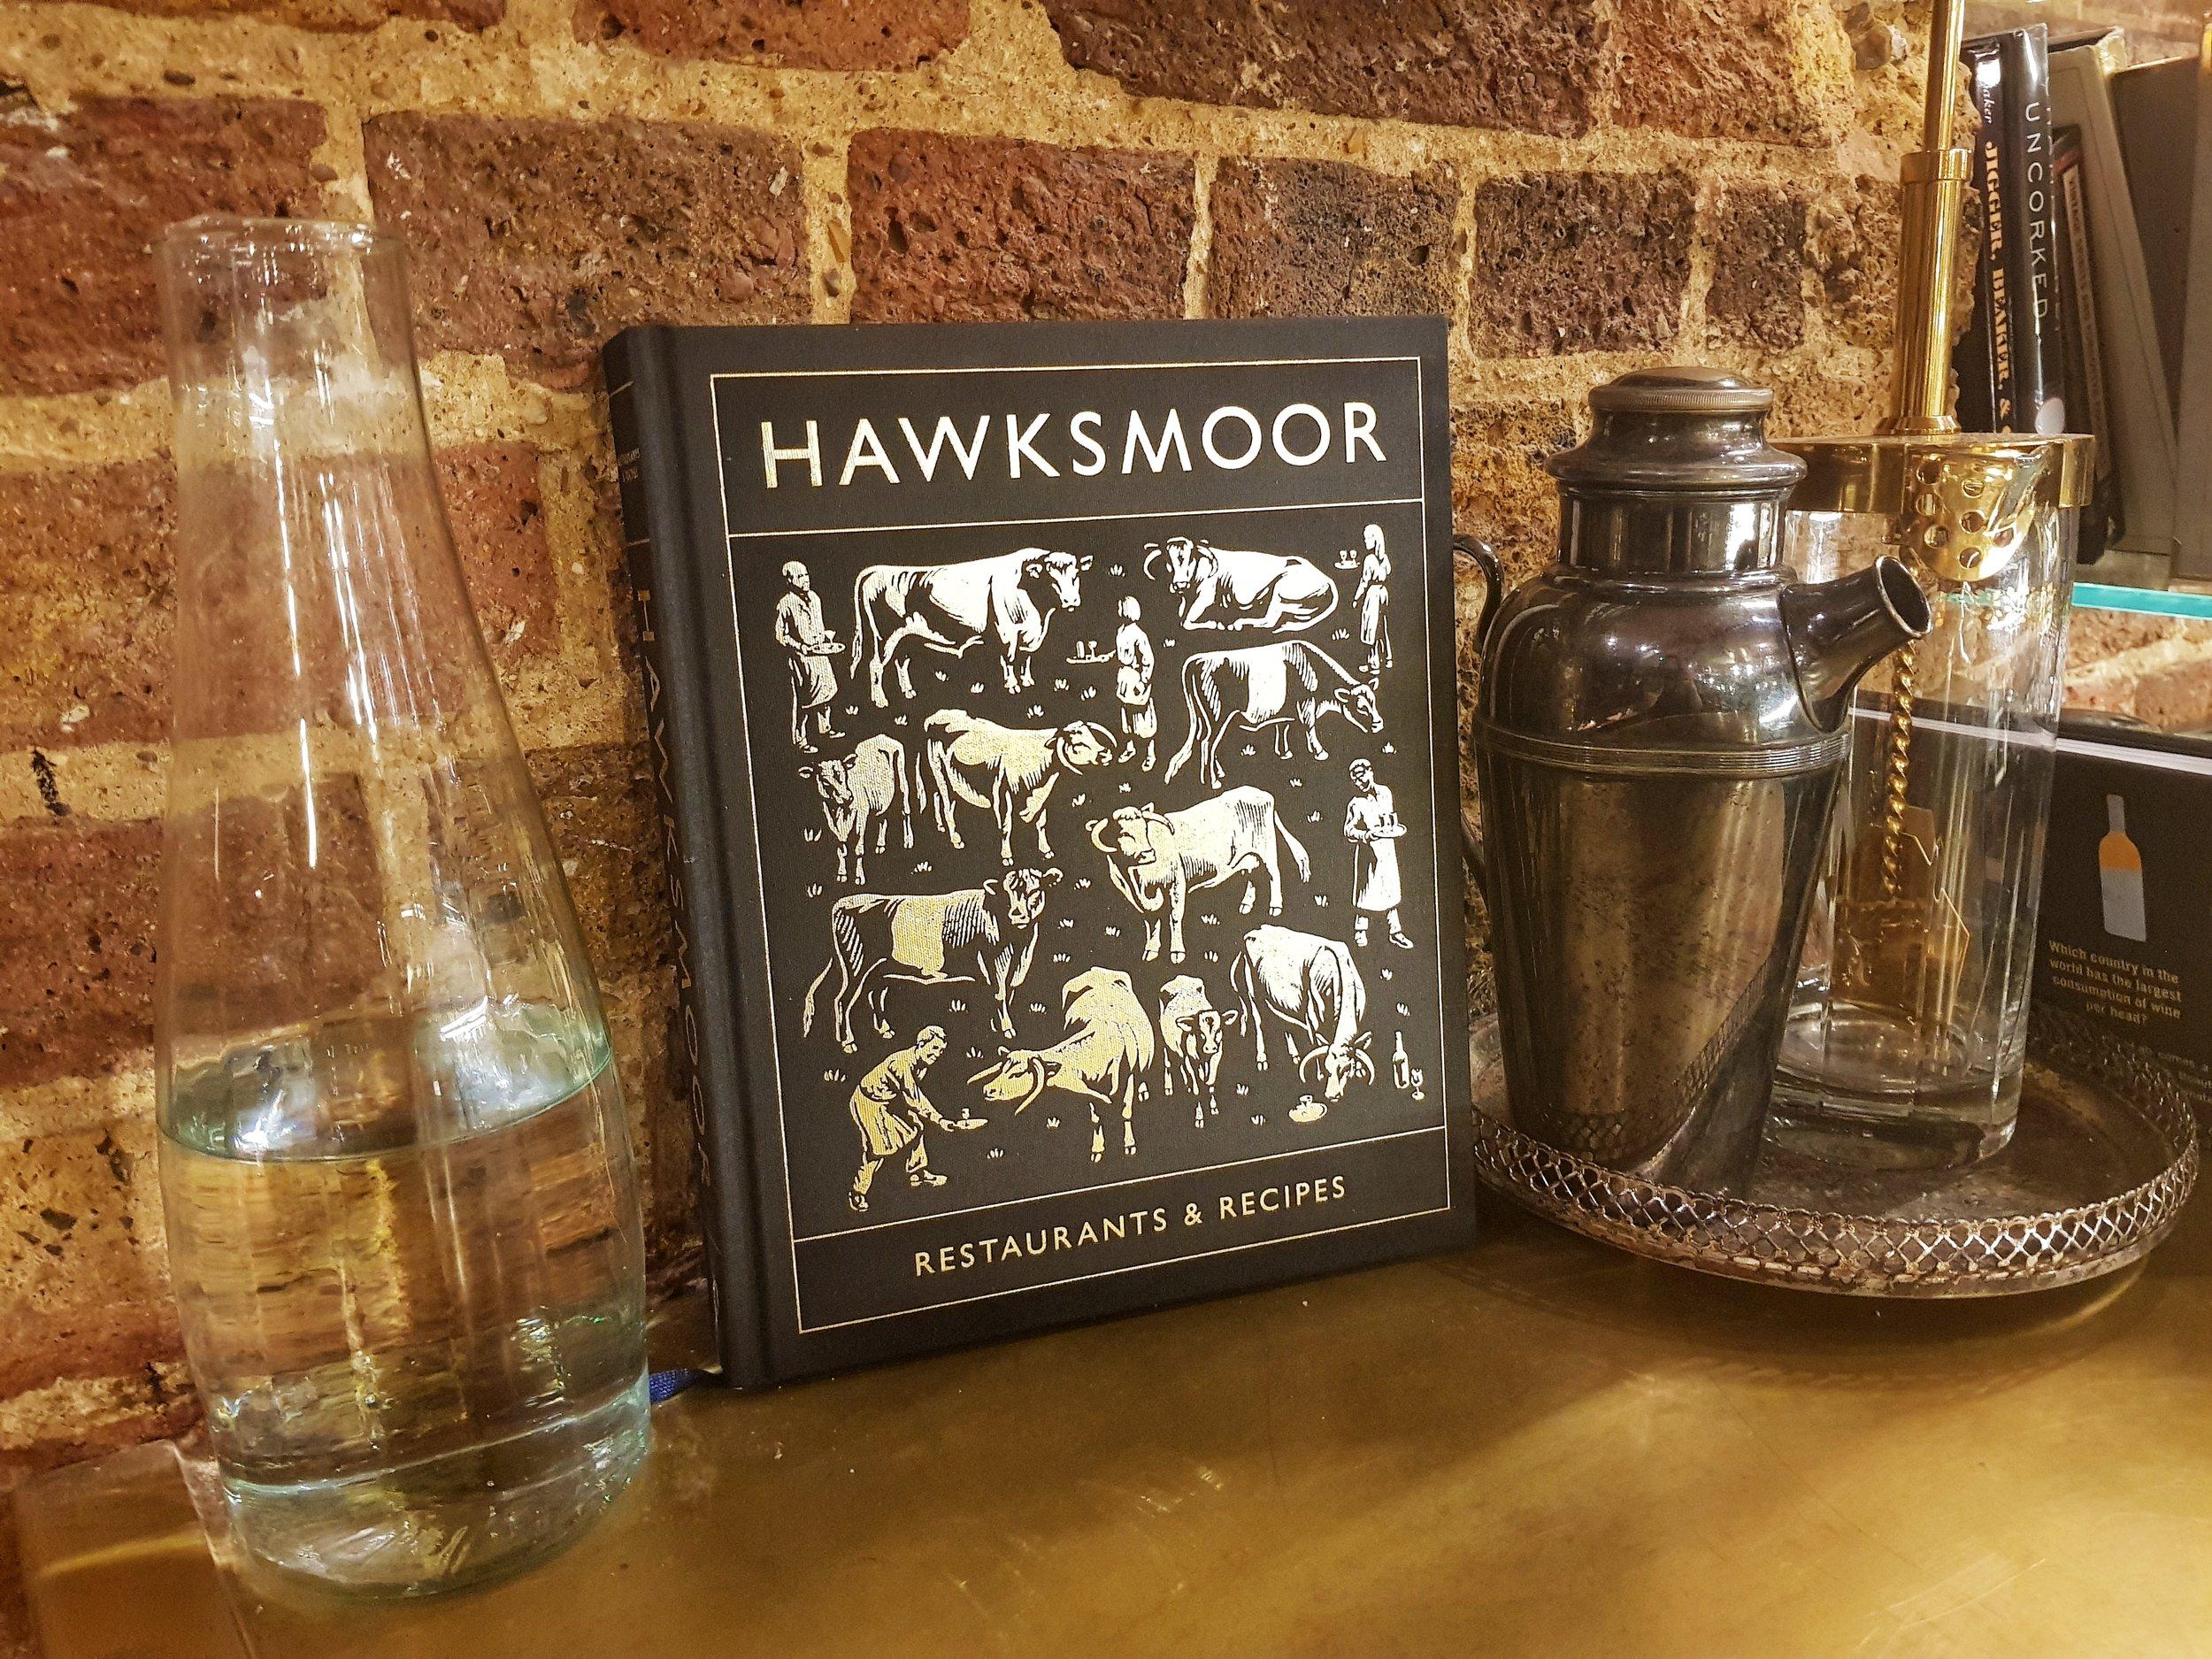 HAWKSMOOR LONDON RESTAURANT REVIEW